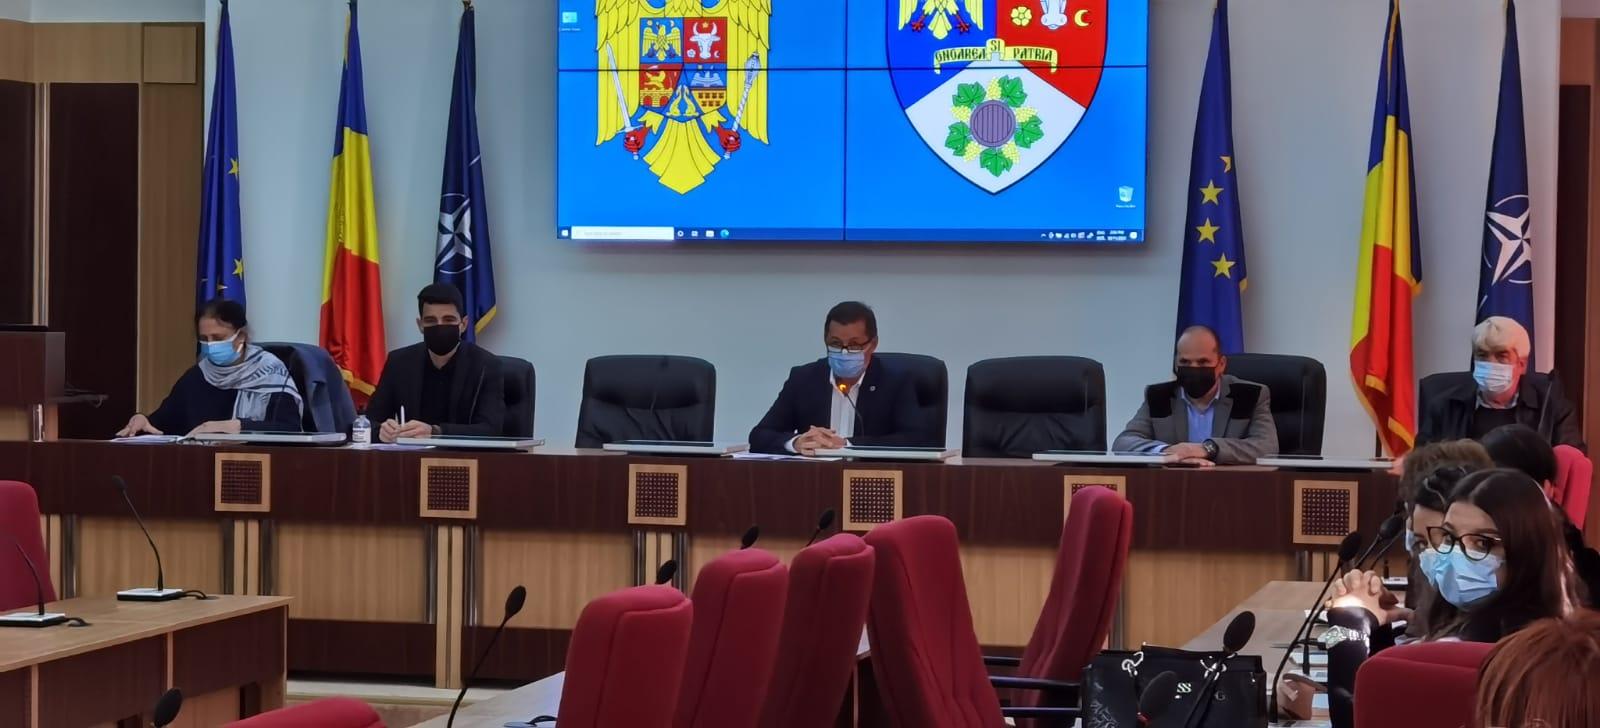 DSP Vrancea, într-o ședință de mediatizare a campaniei de vaccinare cu asistenți sociali, comunitari și mediatori școlari post thumbnail